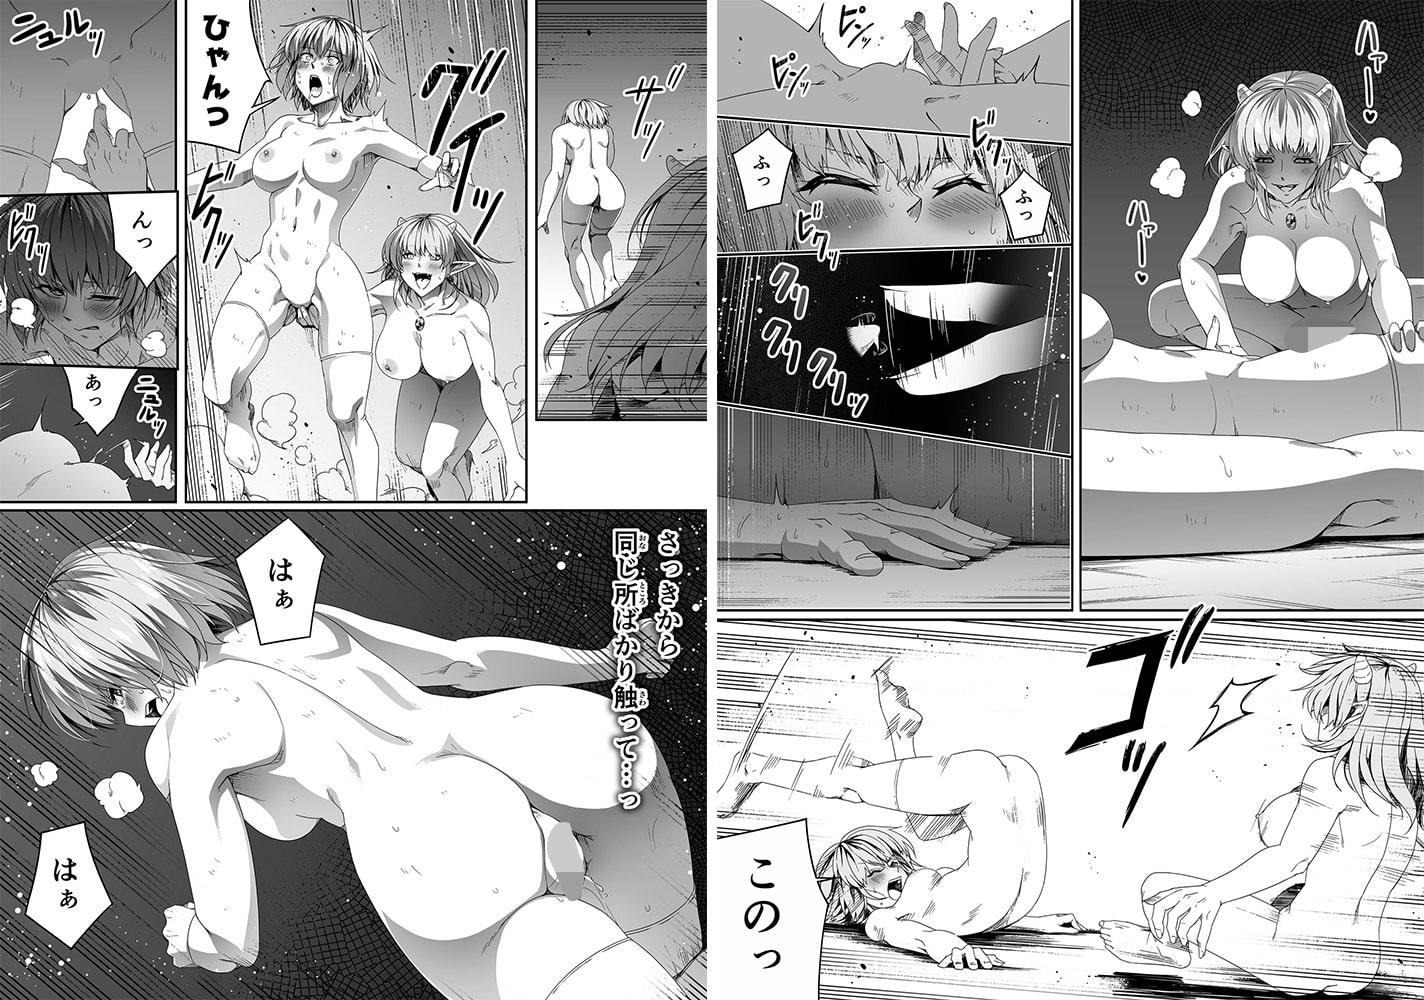 力あるサキュバスは性欲を満たしたいだけ(3)